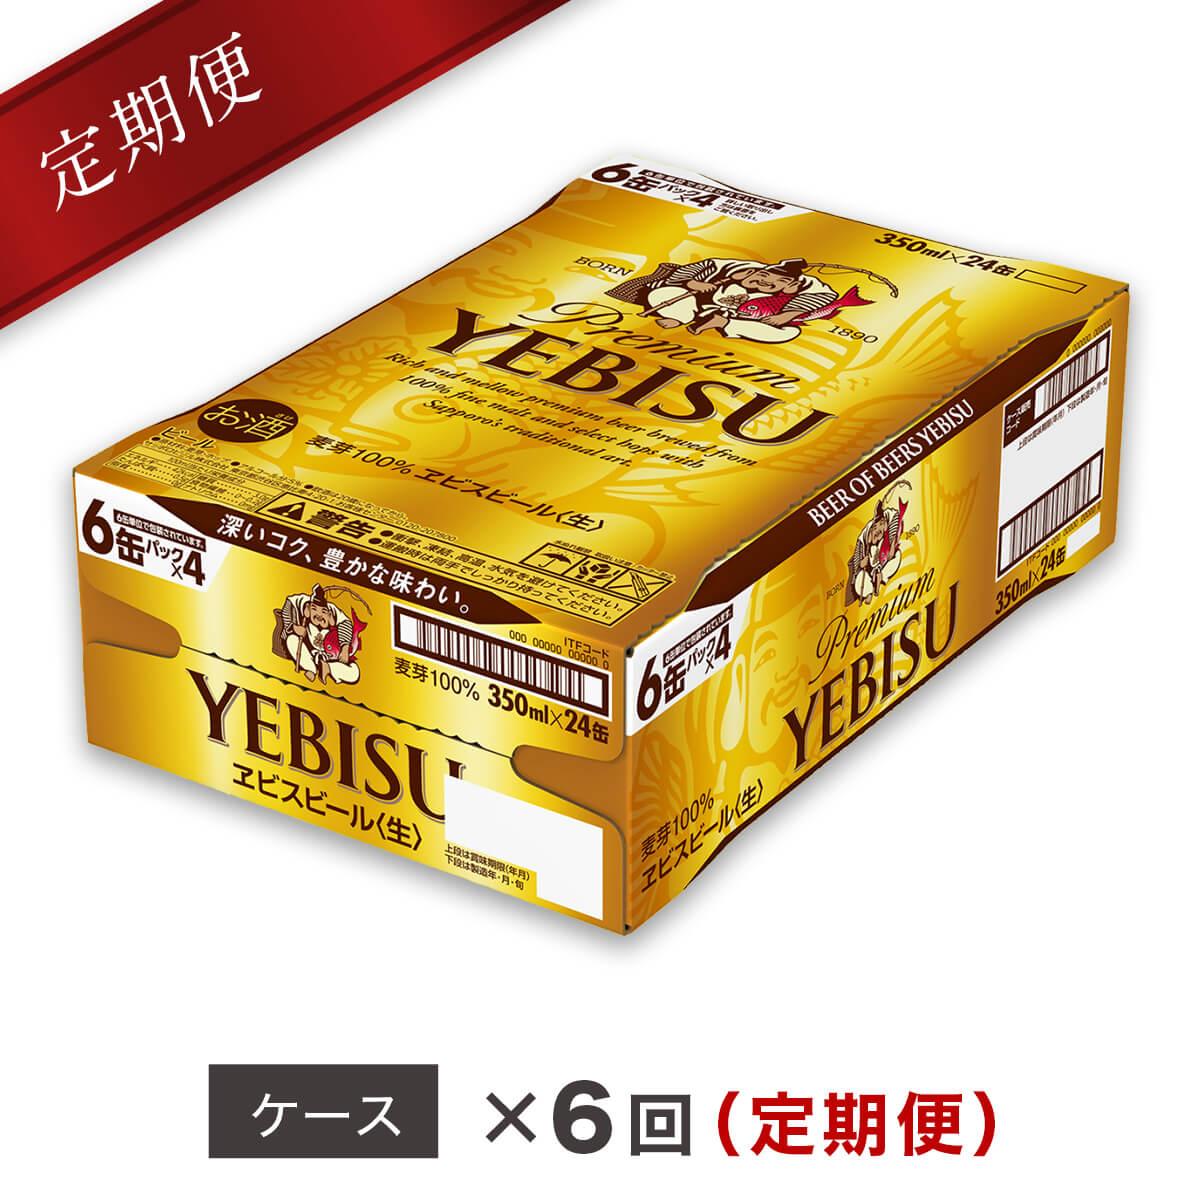 【ふるさと納税】エビスビール定期便 仙台工場産(350ml×24本入を6回お届け)